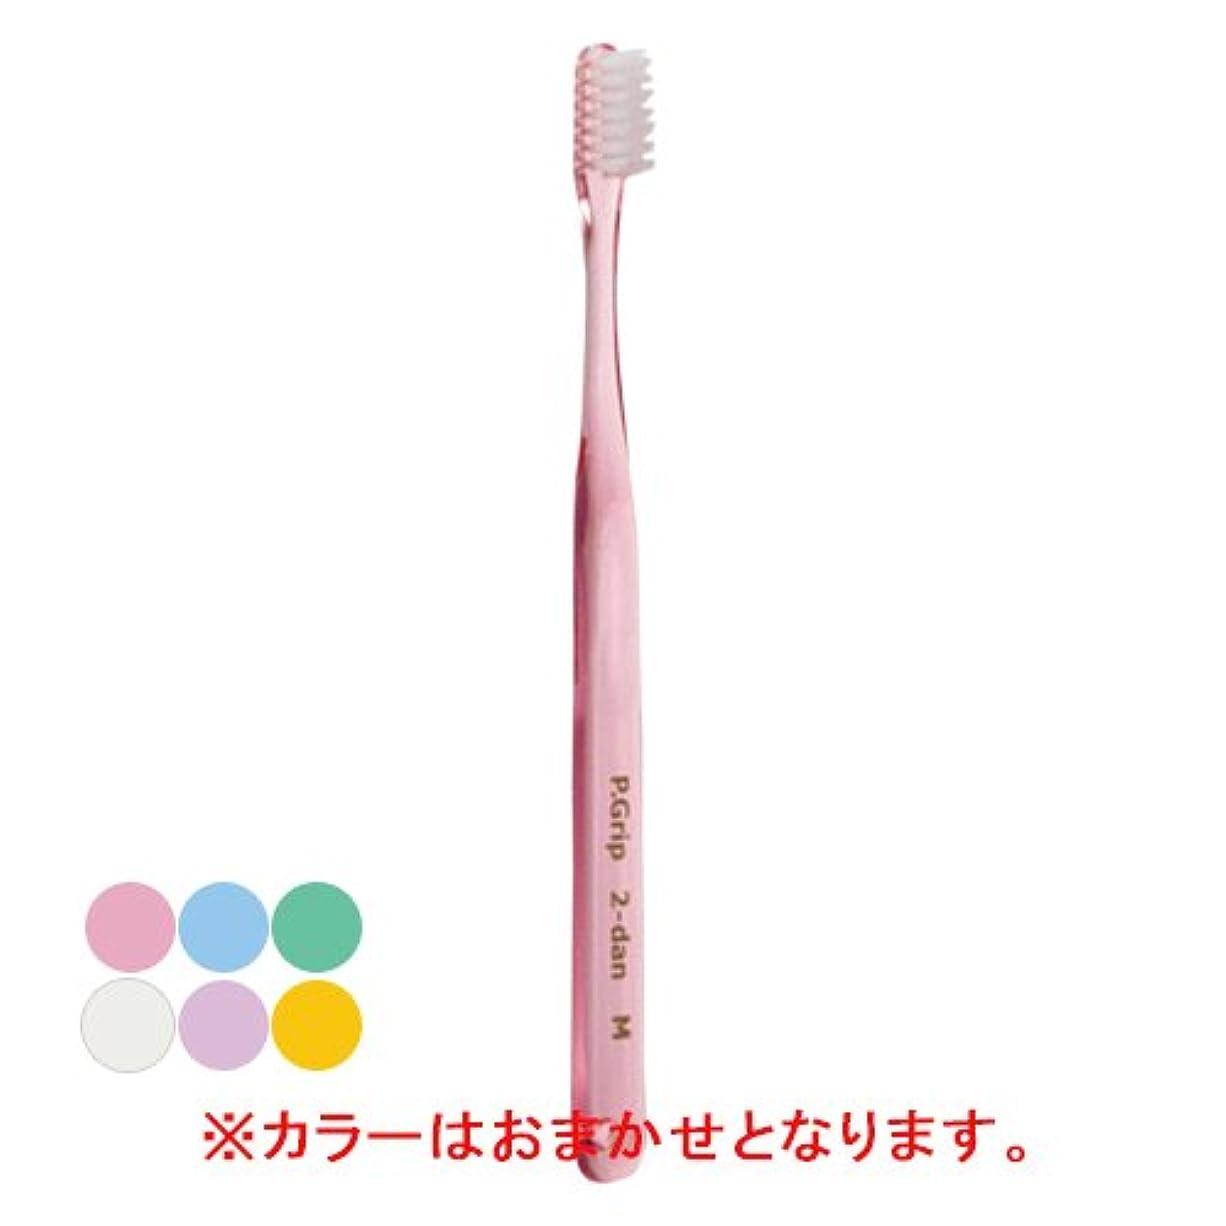 有効な割合イタリックP.D.R.(ピーディーアール) P.Grip(ピーグリップ)歯ブラシ 二段植毛タイプ ミディアム(ふつう) 1本